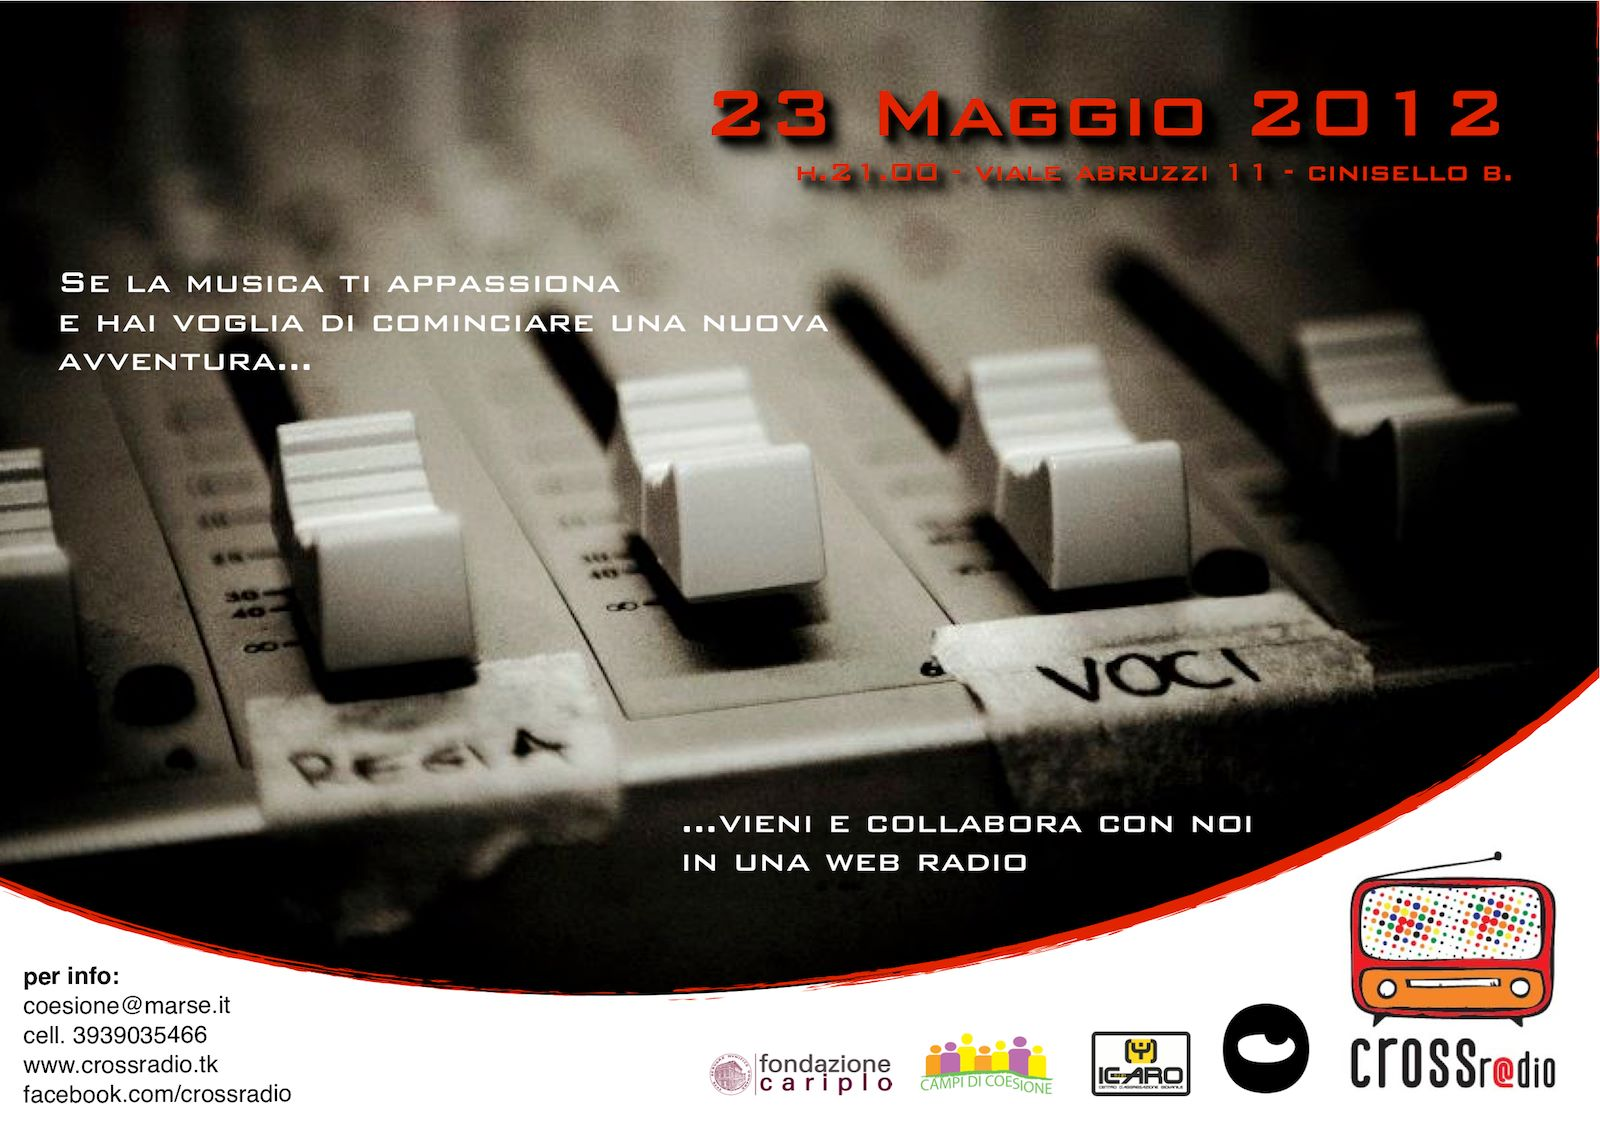 23 Maggio a CrossRadio